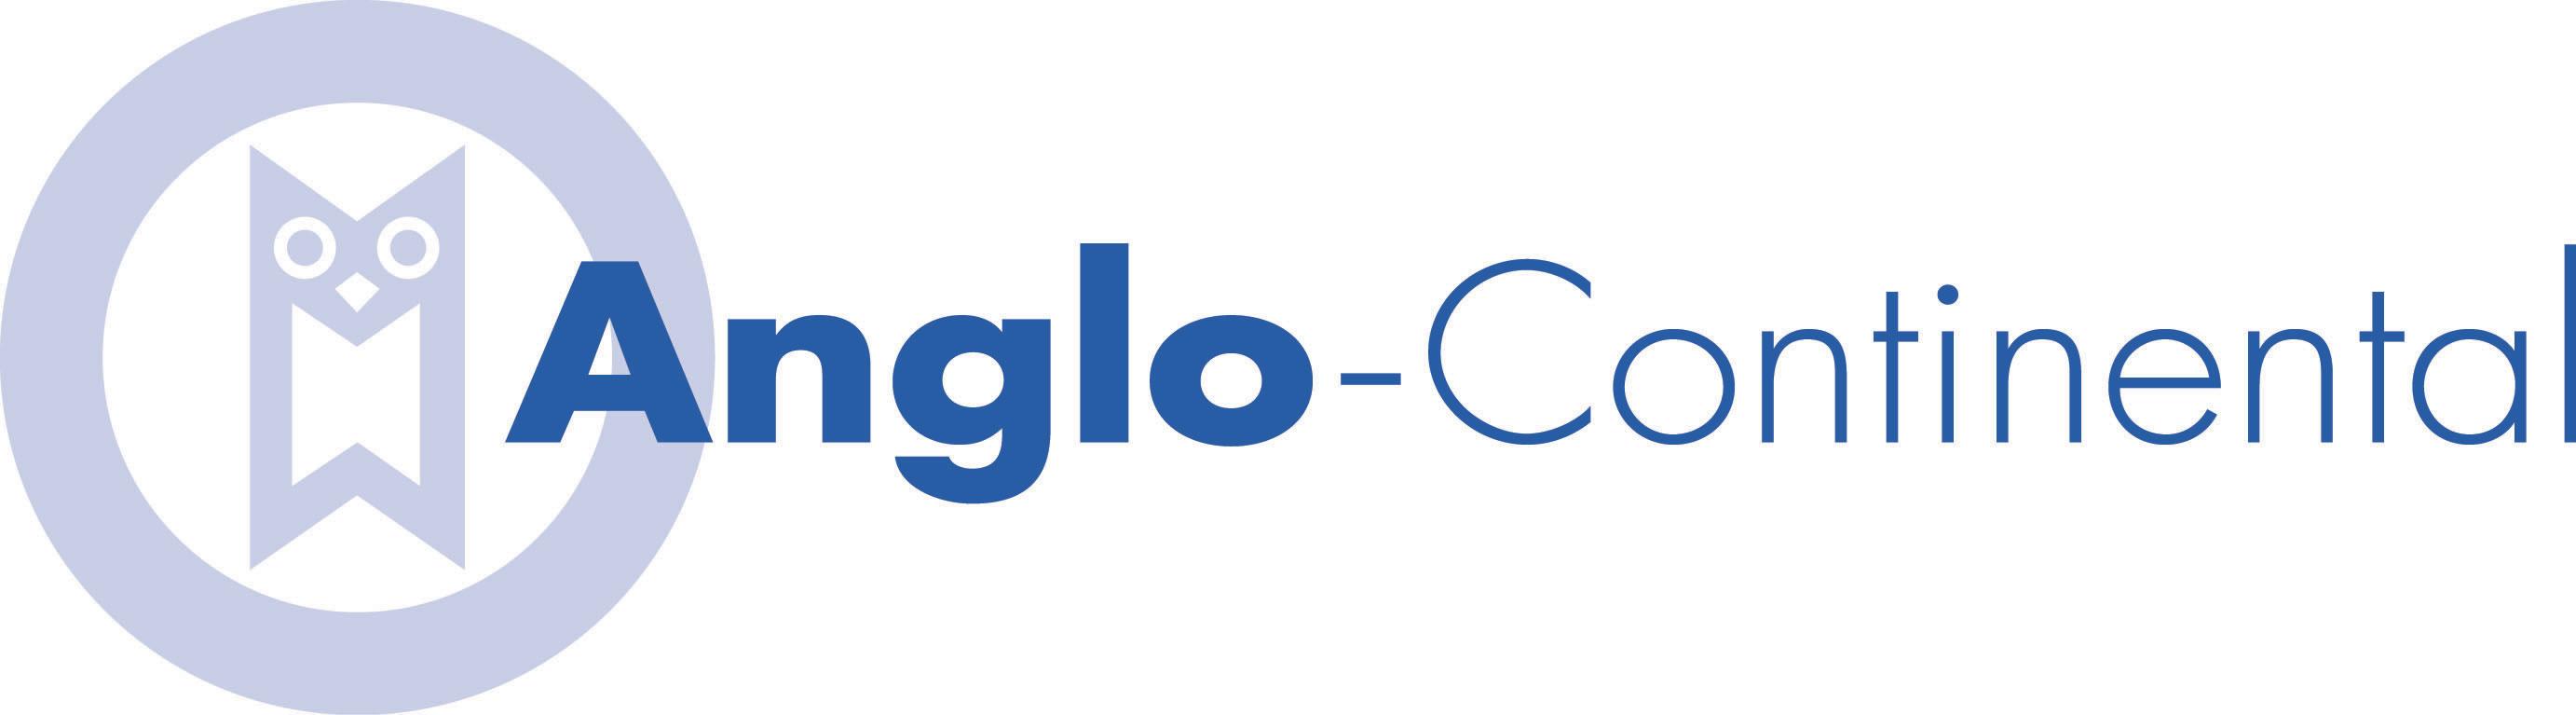 LogoUKAClogo-P286